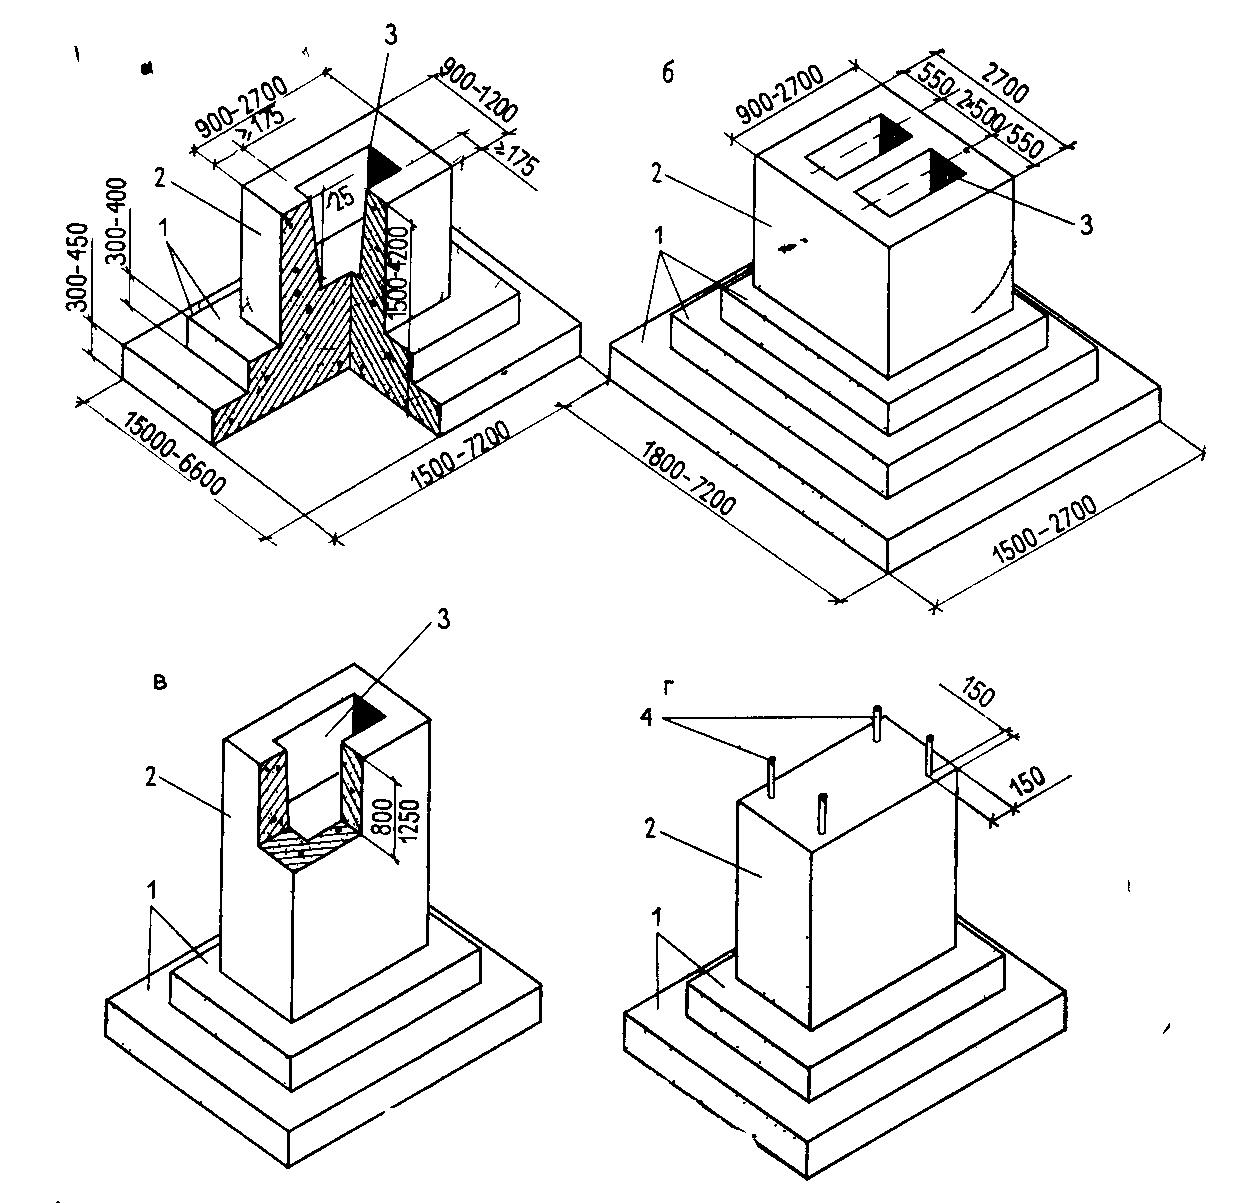 Фундамент стаканного типа: разметка, установка, гидроизоляция